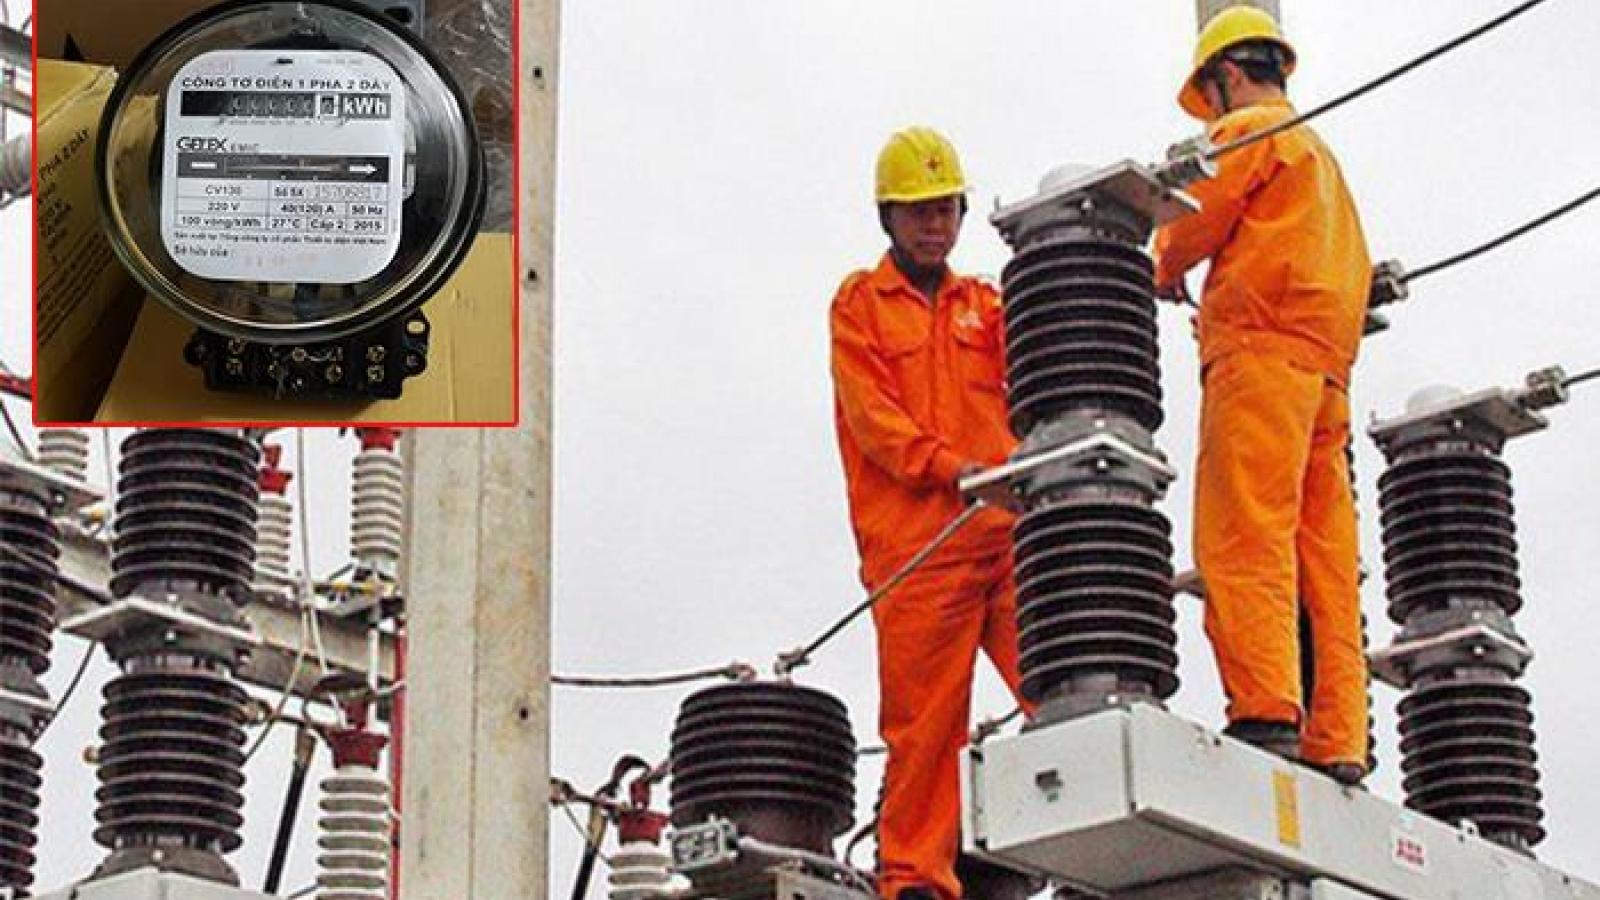 Tiền điện tăng cao, liệu có gian lận ở công tơ điện?